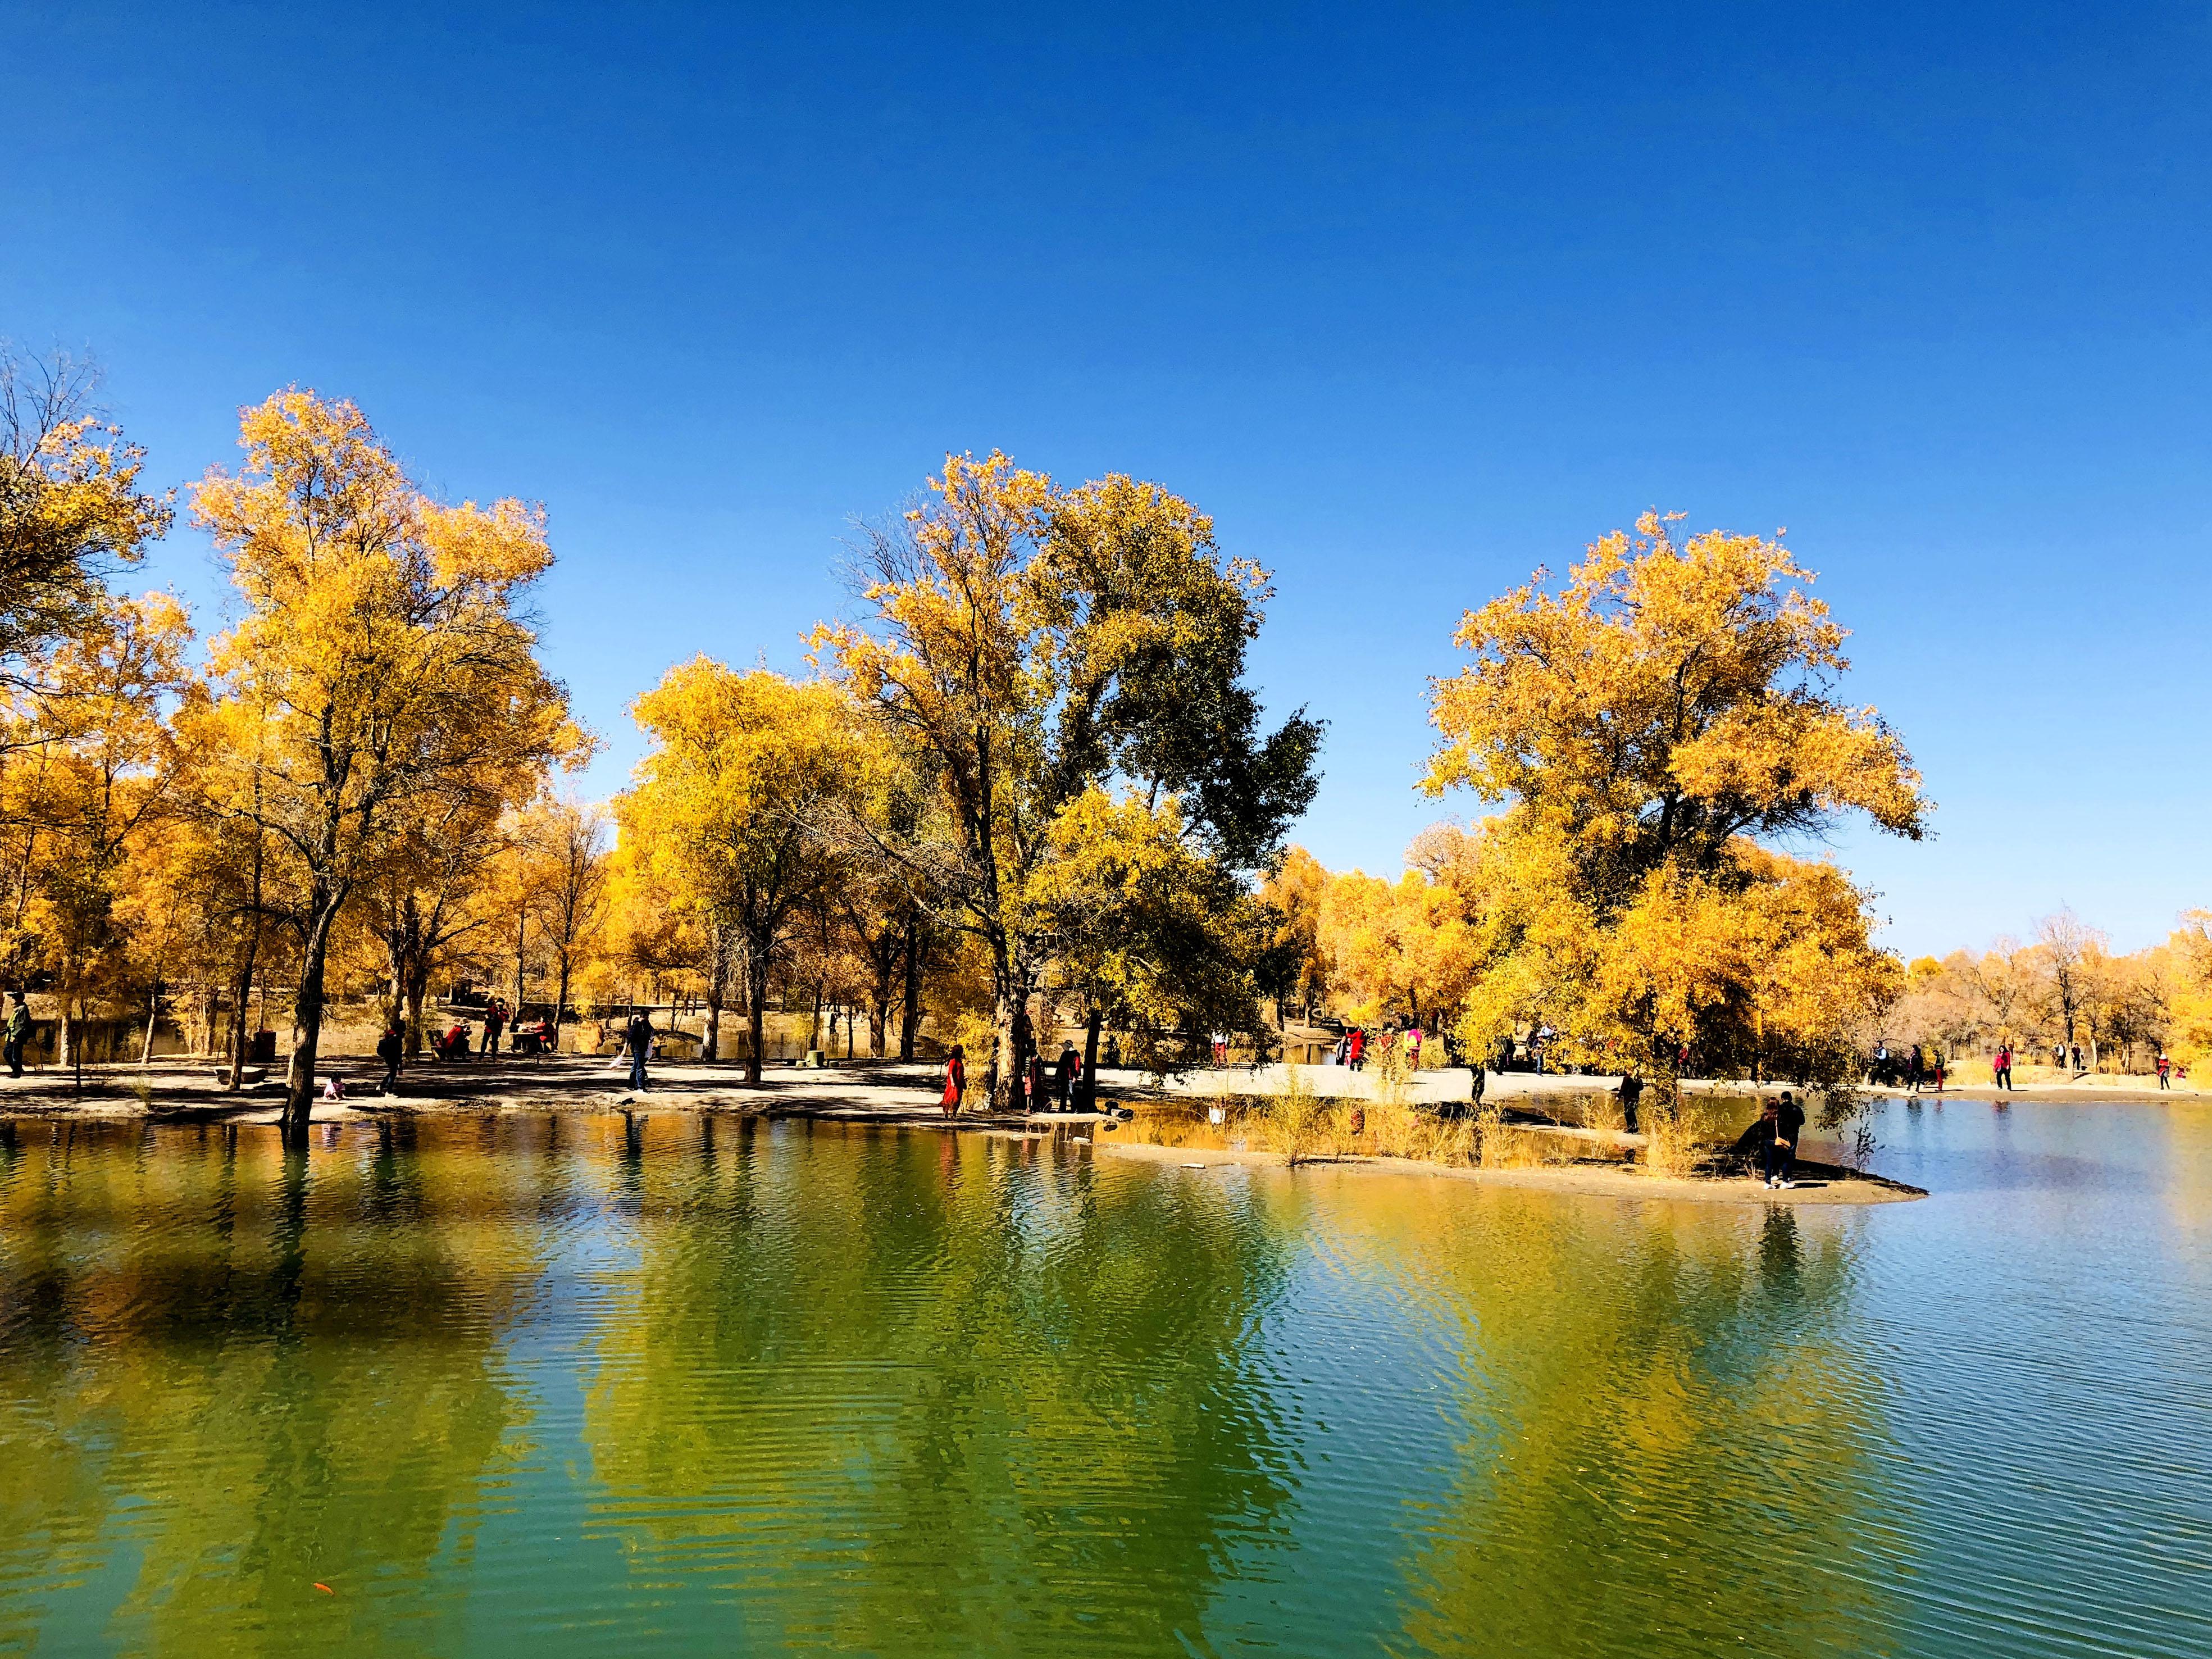 这是10月9日在酒泉市金塔沙漠森林公园拍摄的胡杨林美景.图片